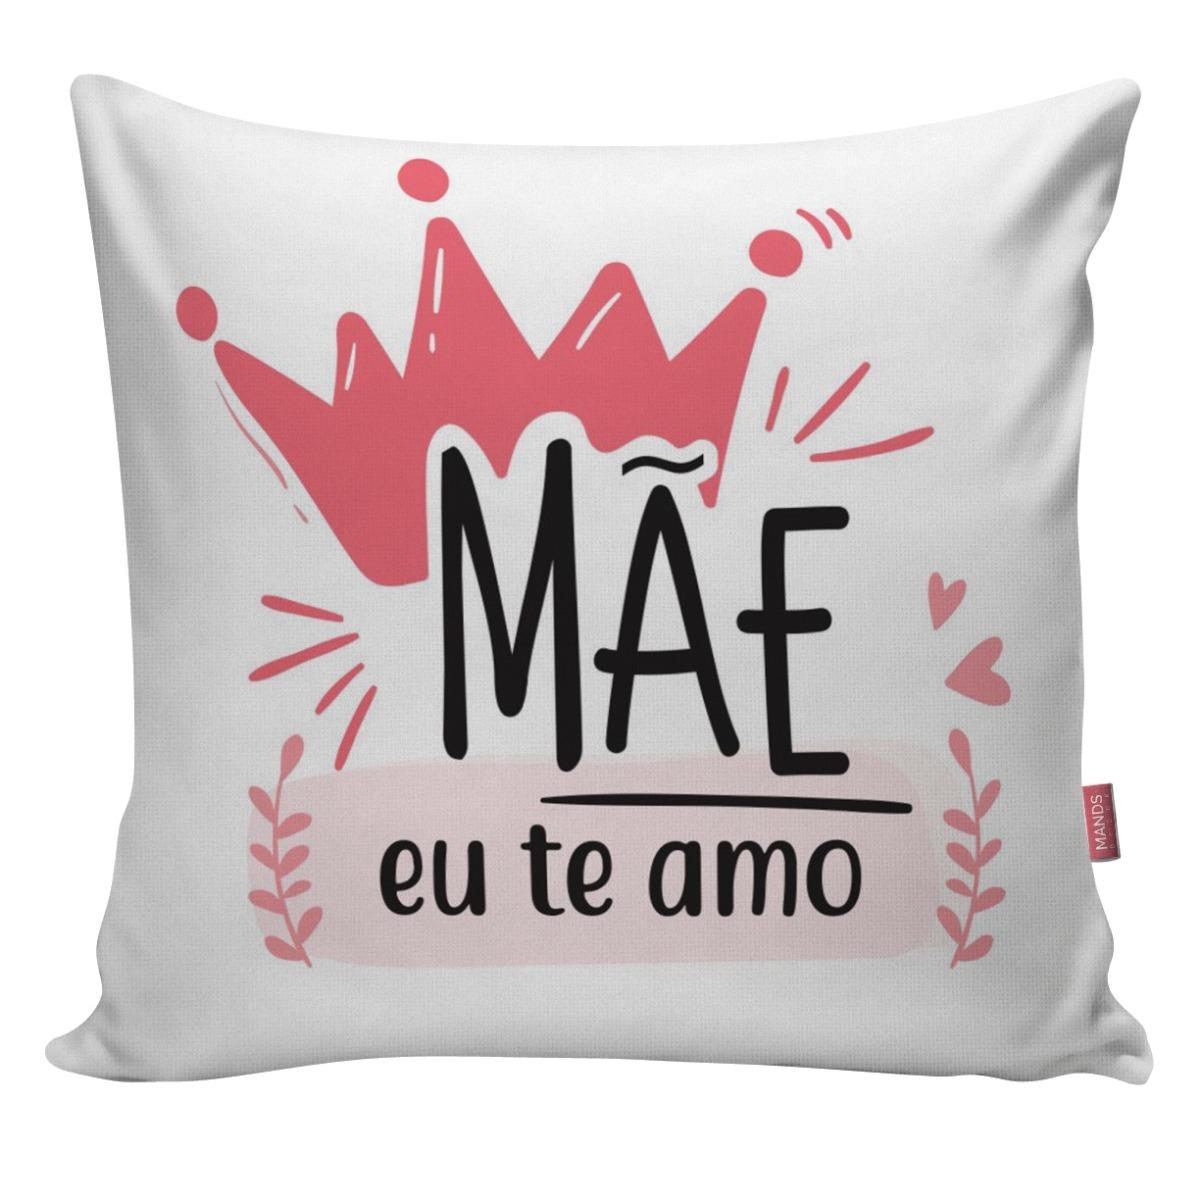 62e7f7d3962750 Capa De Almofada Decorativa Dia Das Mães Presente Mãe 15